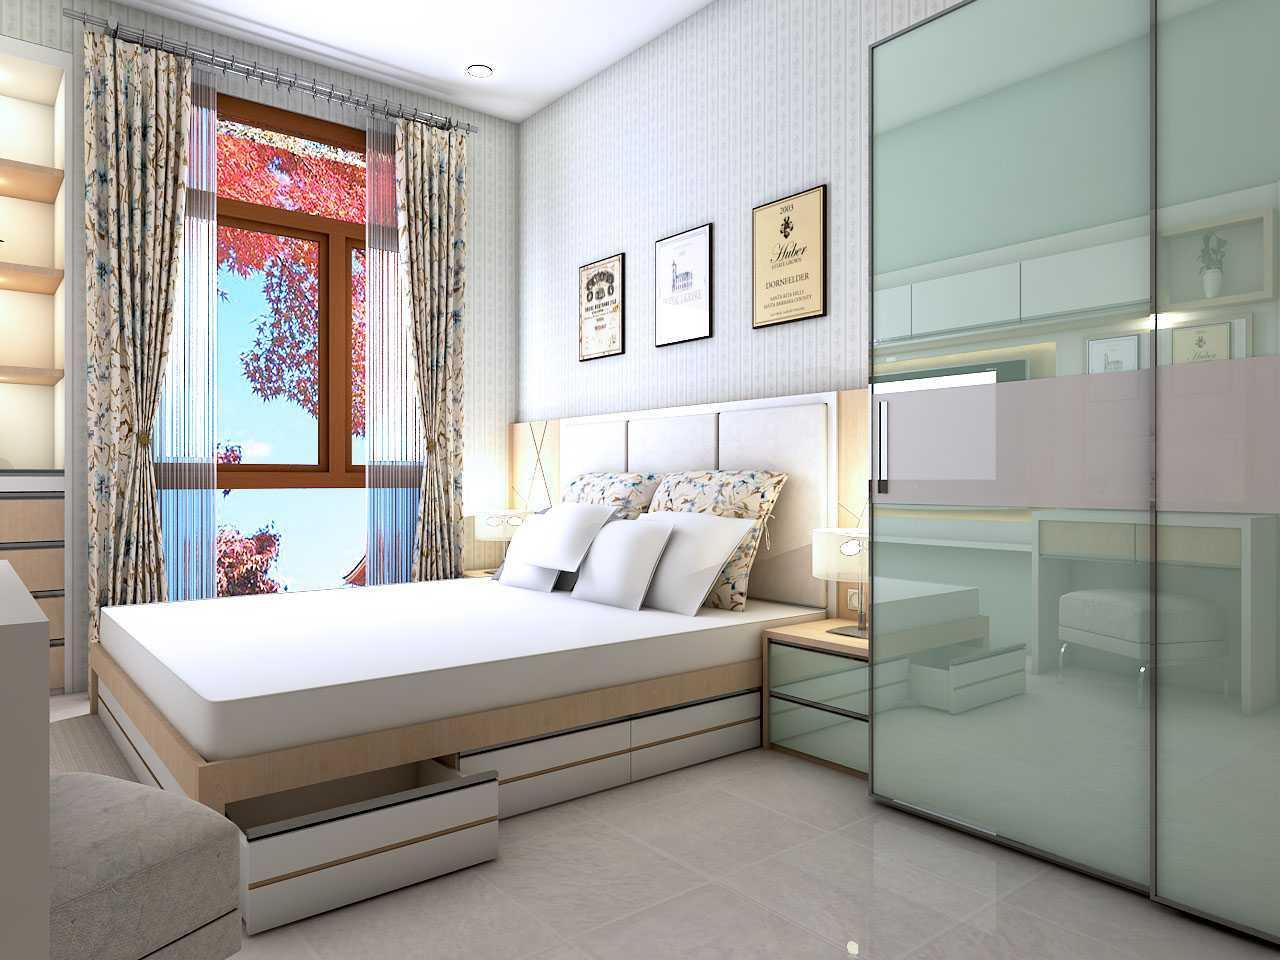 Jasa Interior Desainer Arteta Interior Design & Furniture di Surakarta